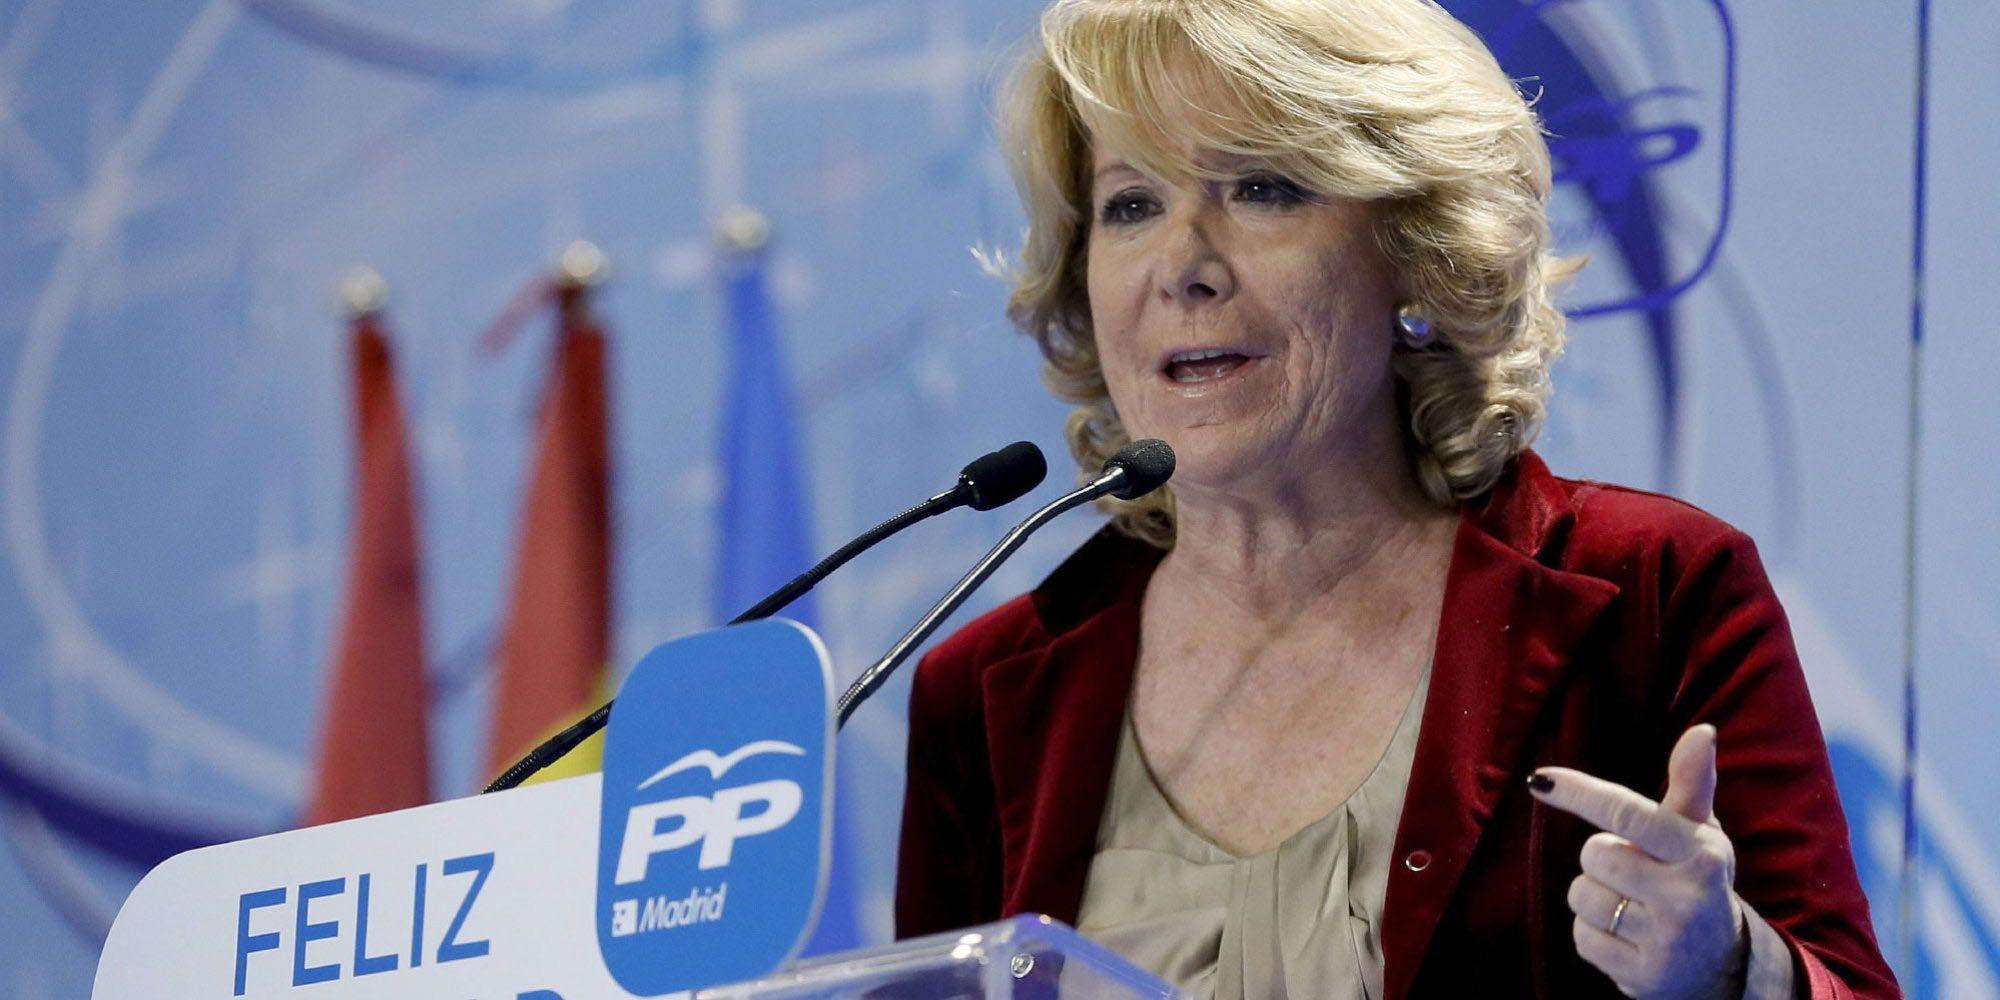 """Aguirre admitió ante la prensa que """"la corrupción nos está destrozando"""". Parece ser el fin de su carrera."""